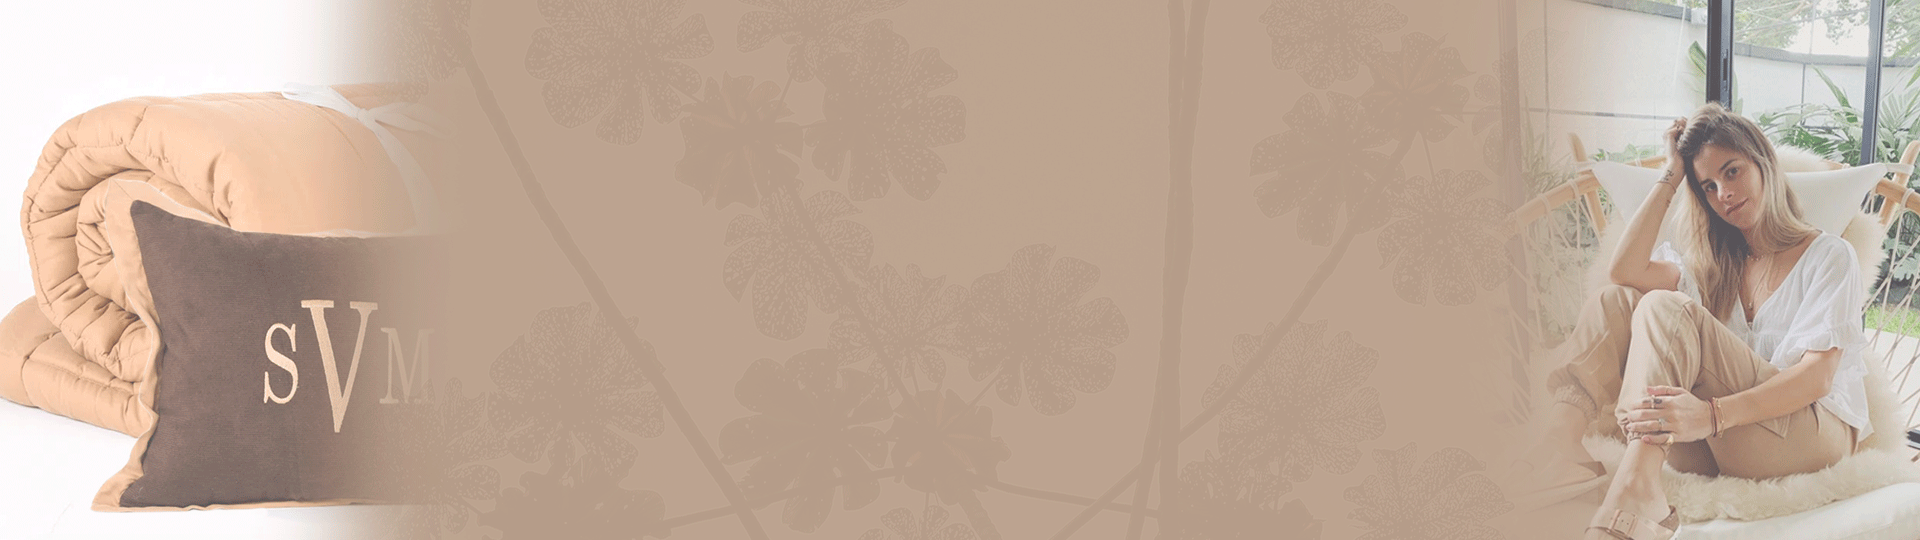 Banner - Background